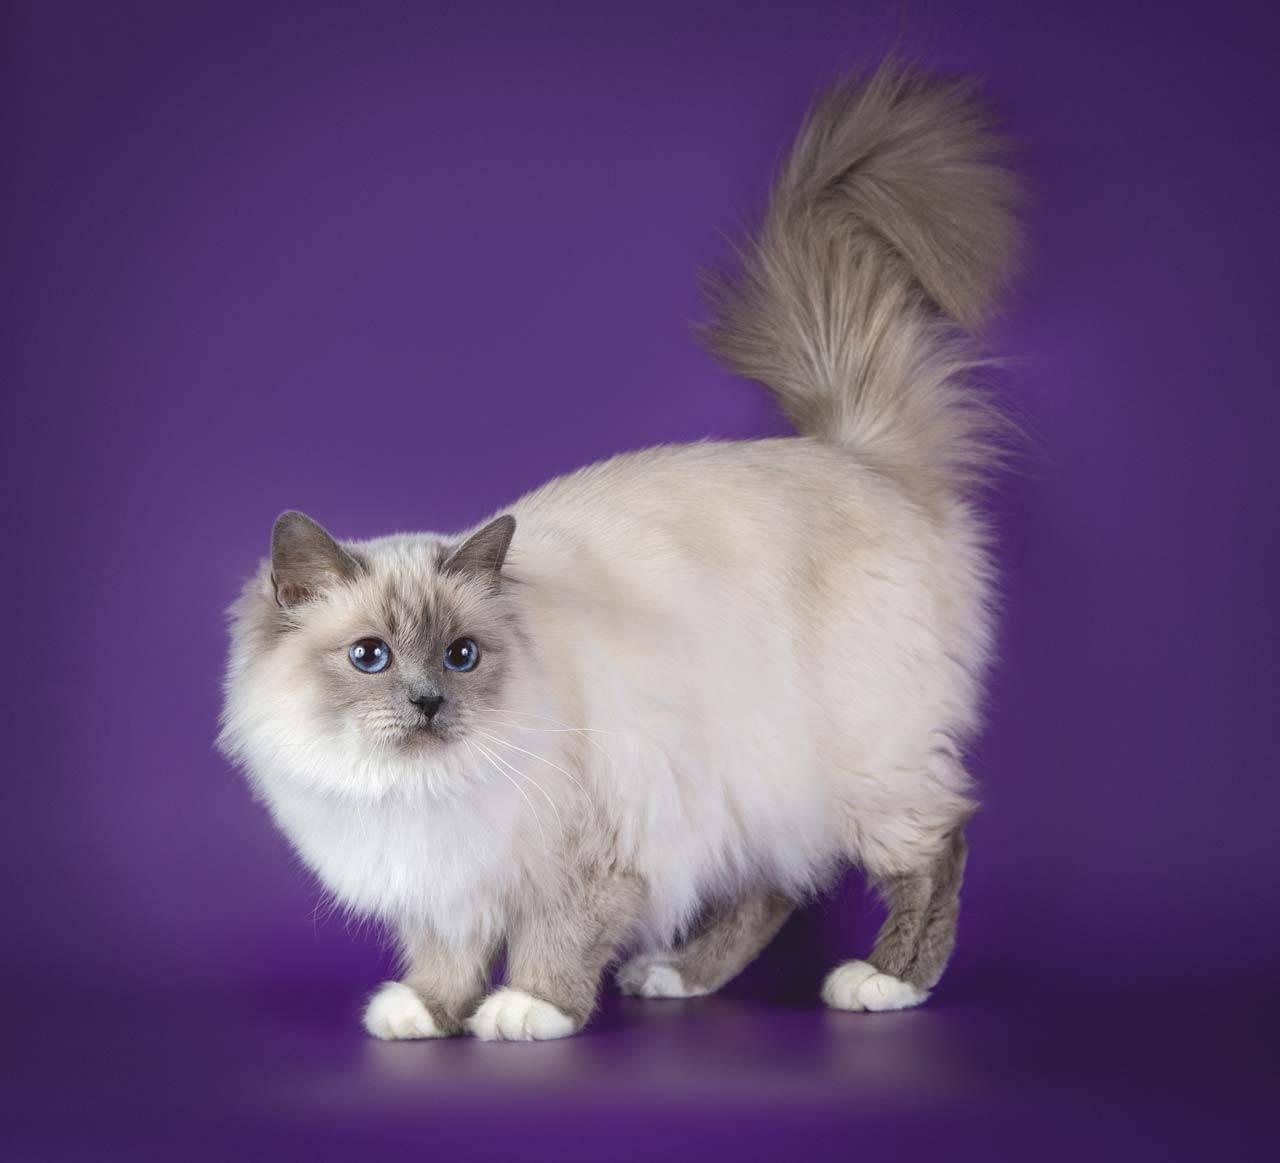 Описание характера бирманской породы кошки